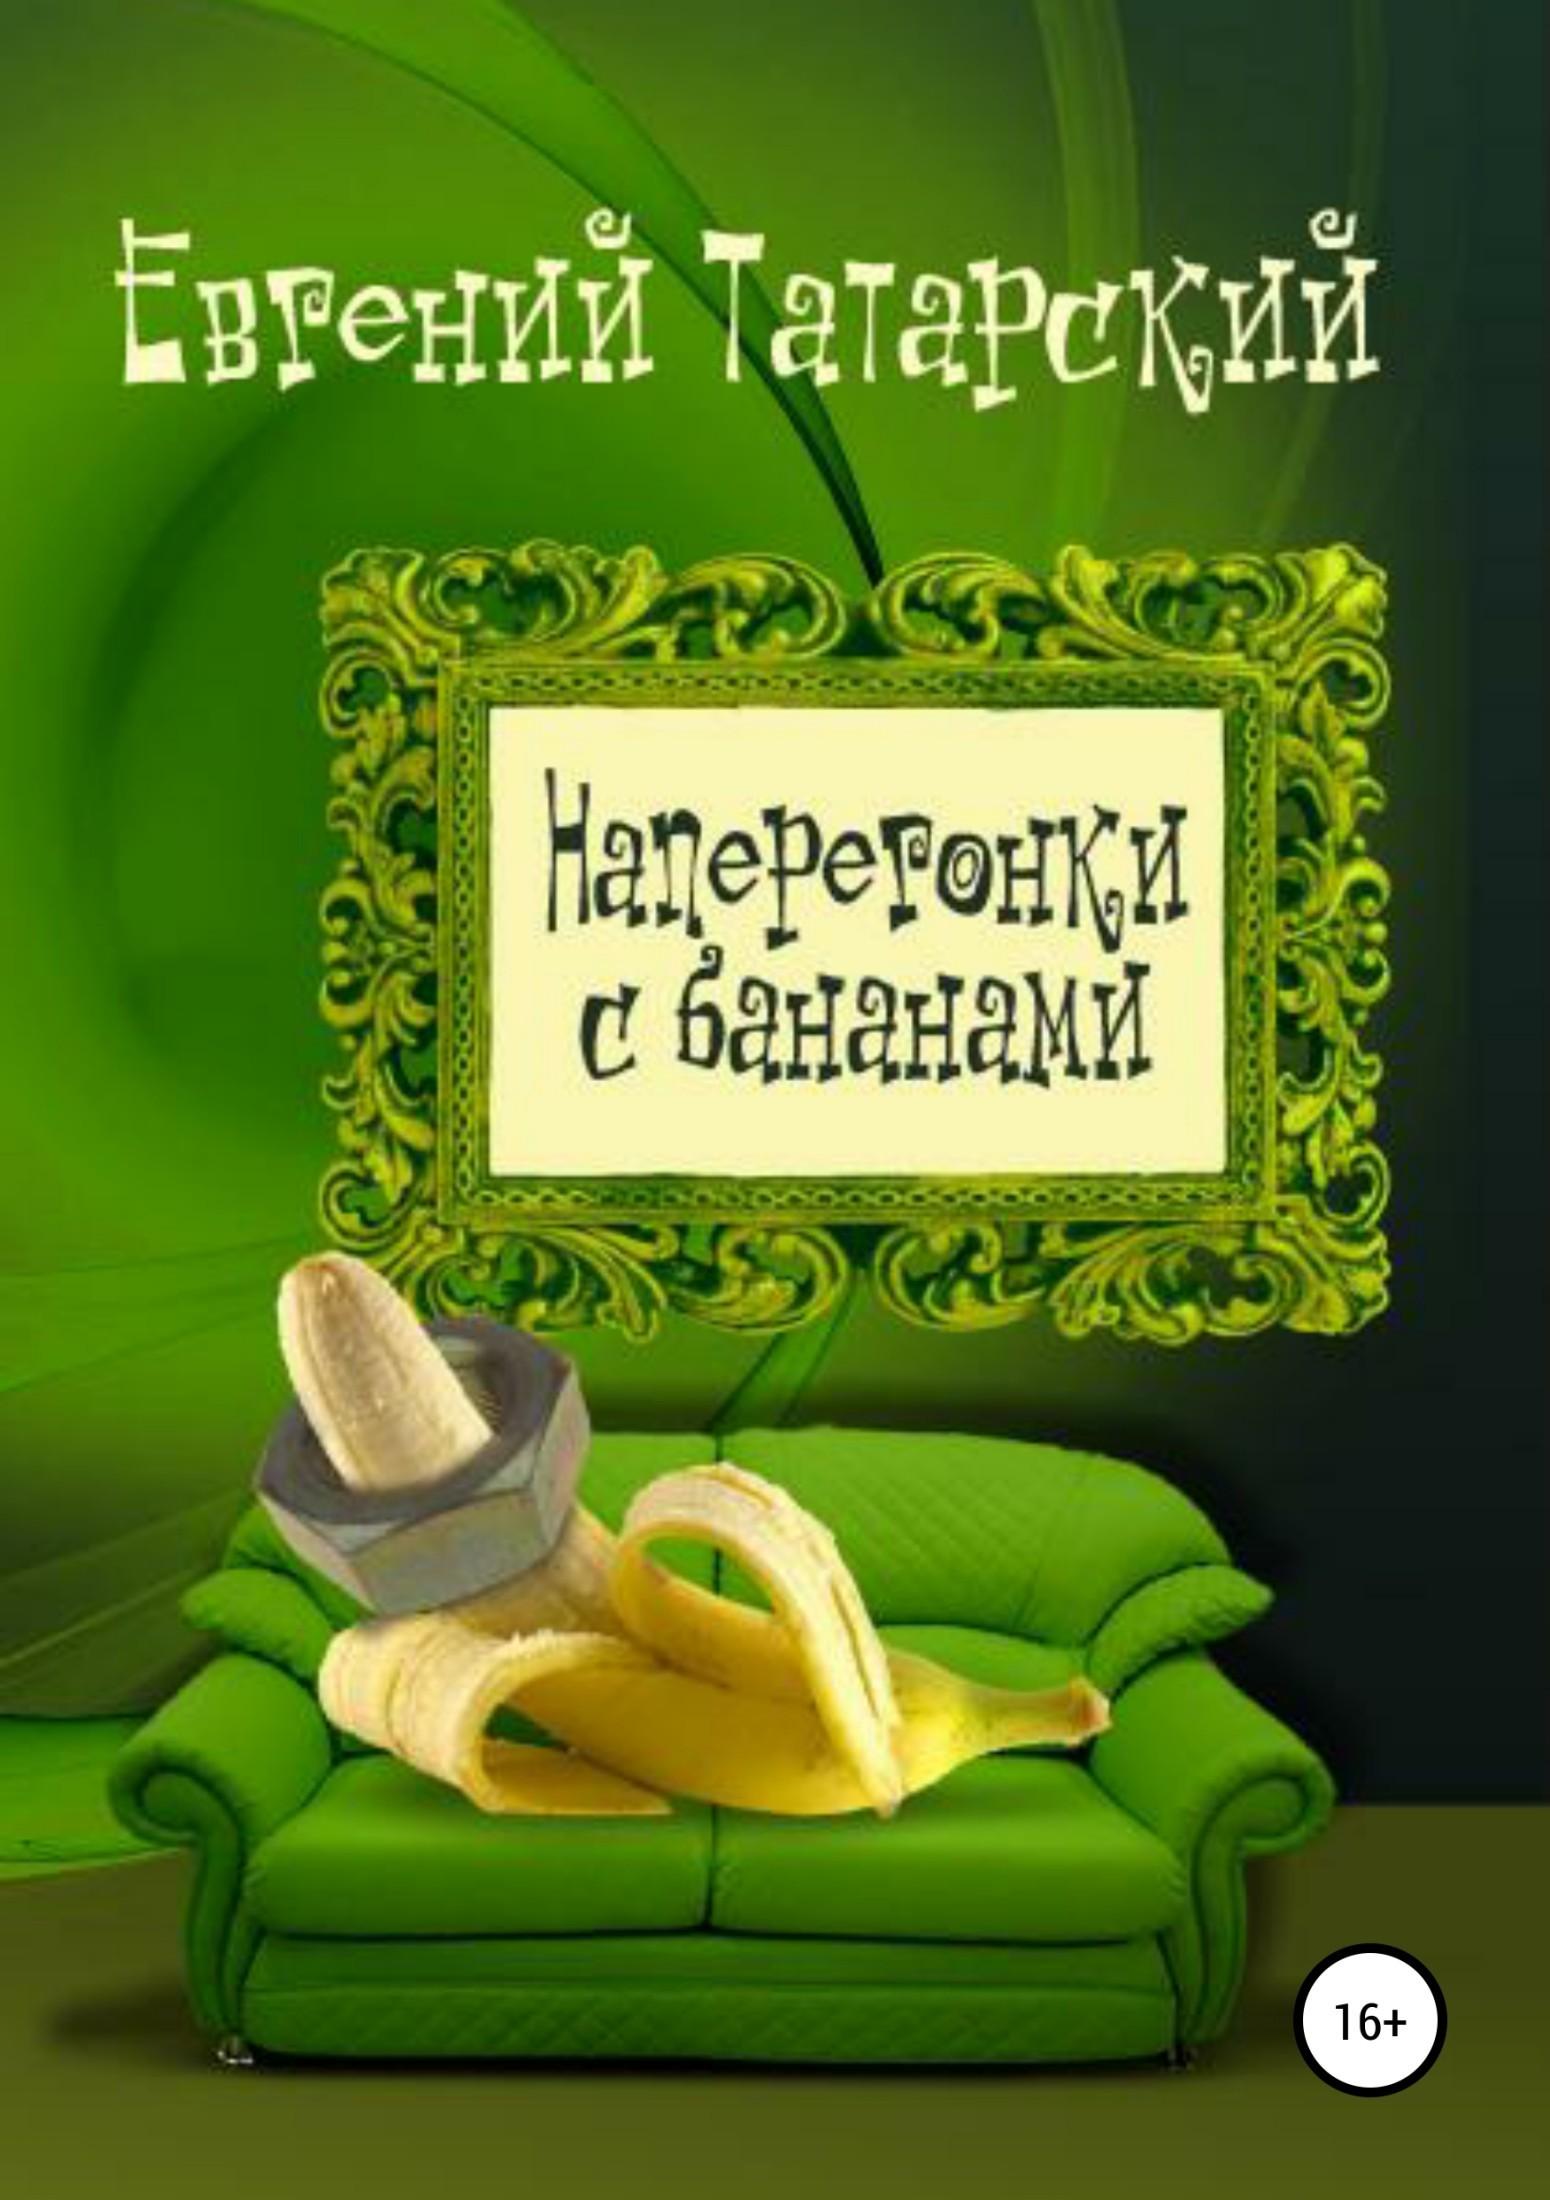 цена на Евгений Николаевич Татарский Наперегонки с бананами. Сборник рассказов